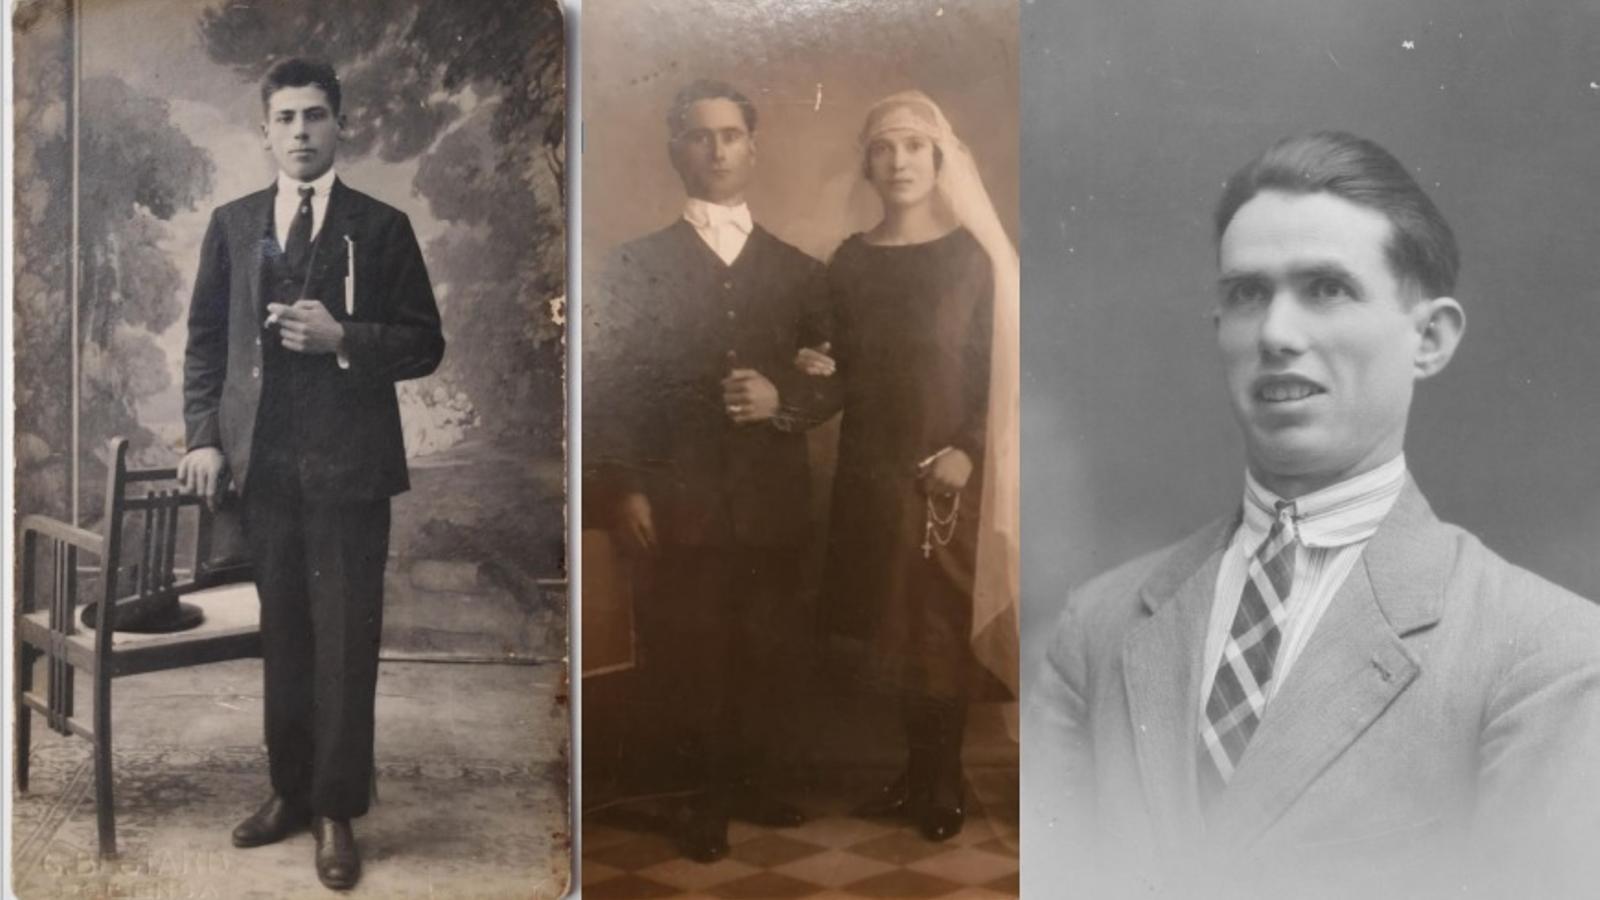 Antoni Castañer, Macià Salvà i Miquel Martorell, tres de les víctimes identificades, en fotografies cedides per les respectives famílies./ CAIB